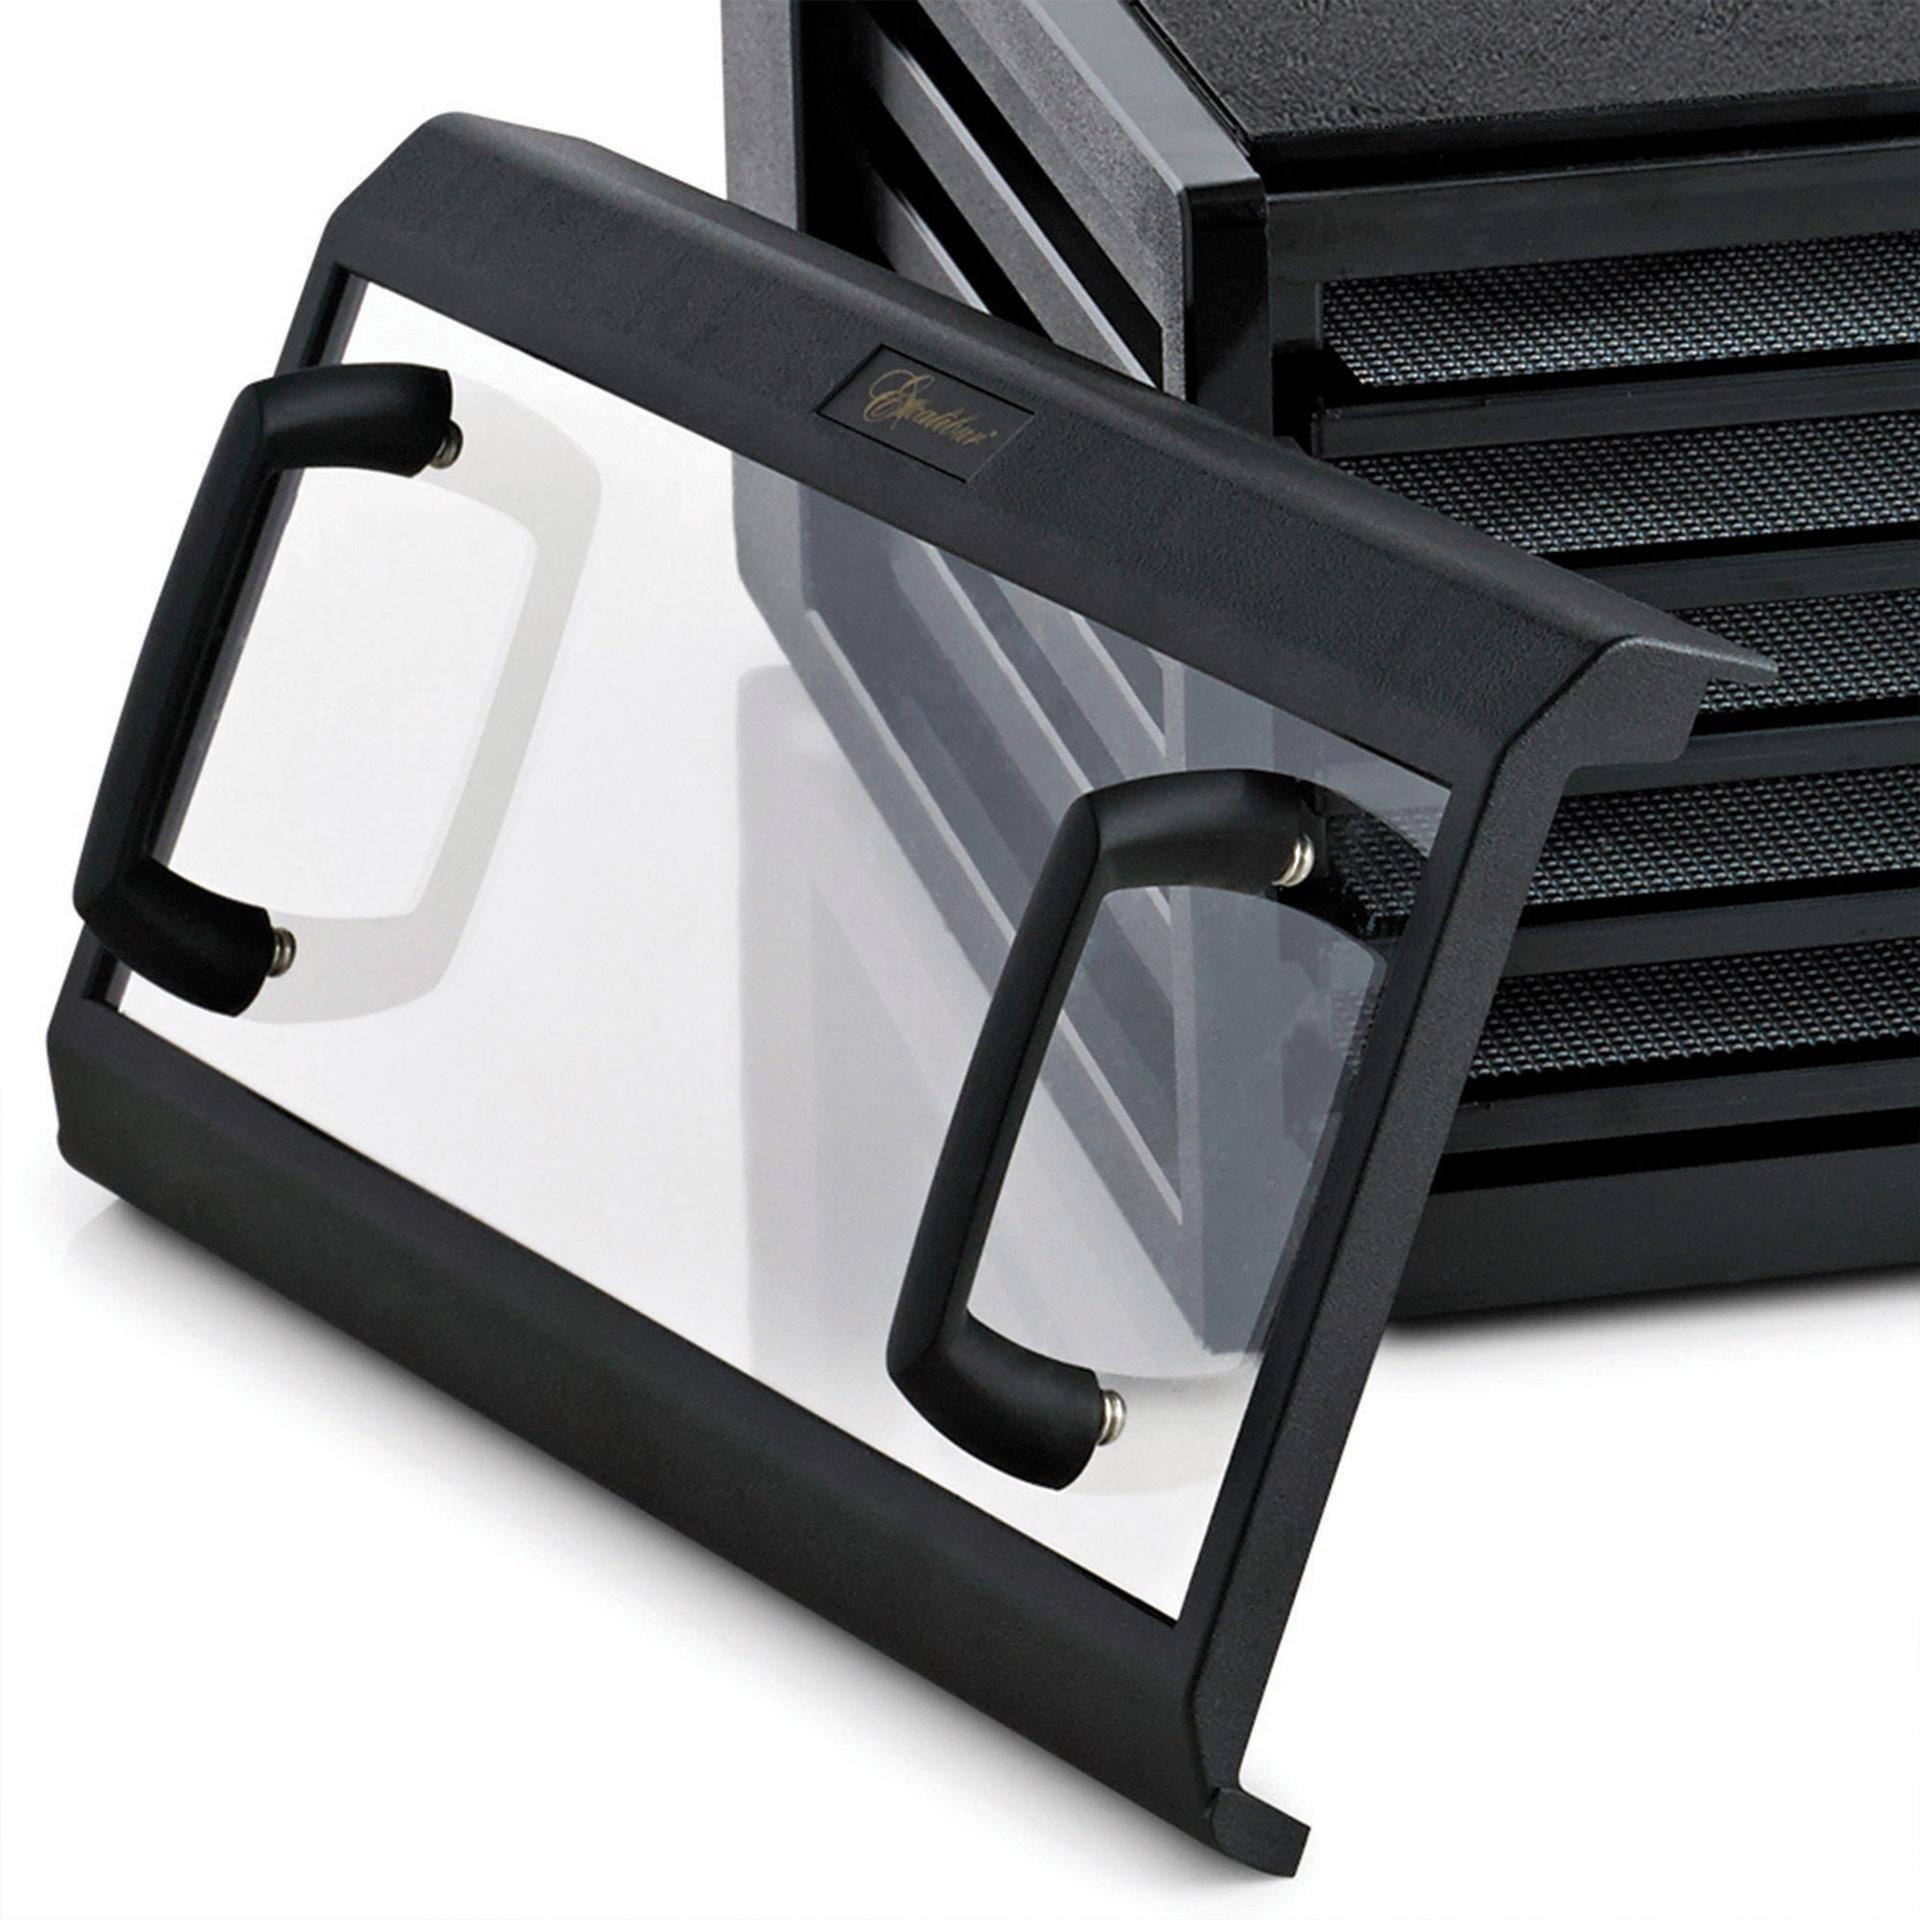 Excalibur Trockner mit 5 Einschüben Nahaufnahme der Glastür